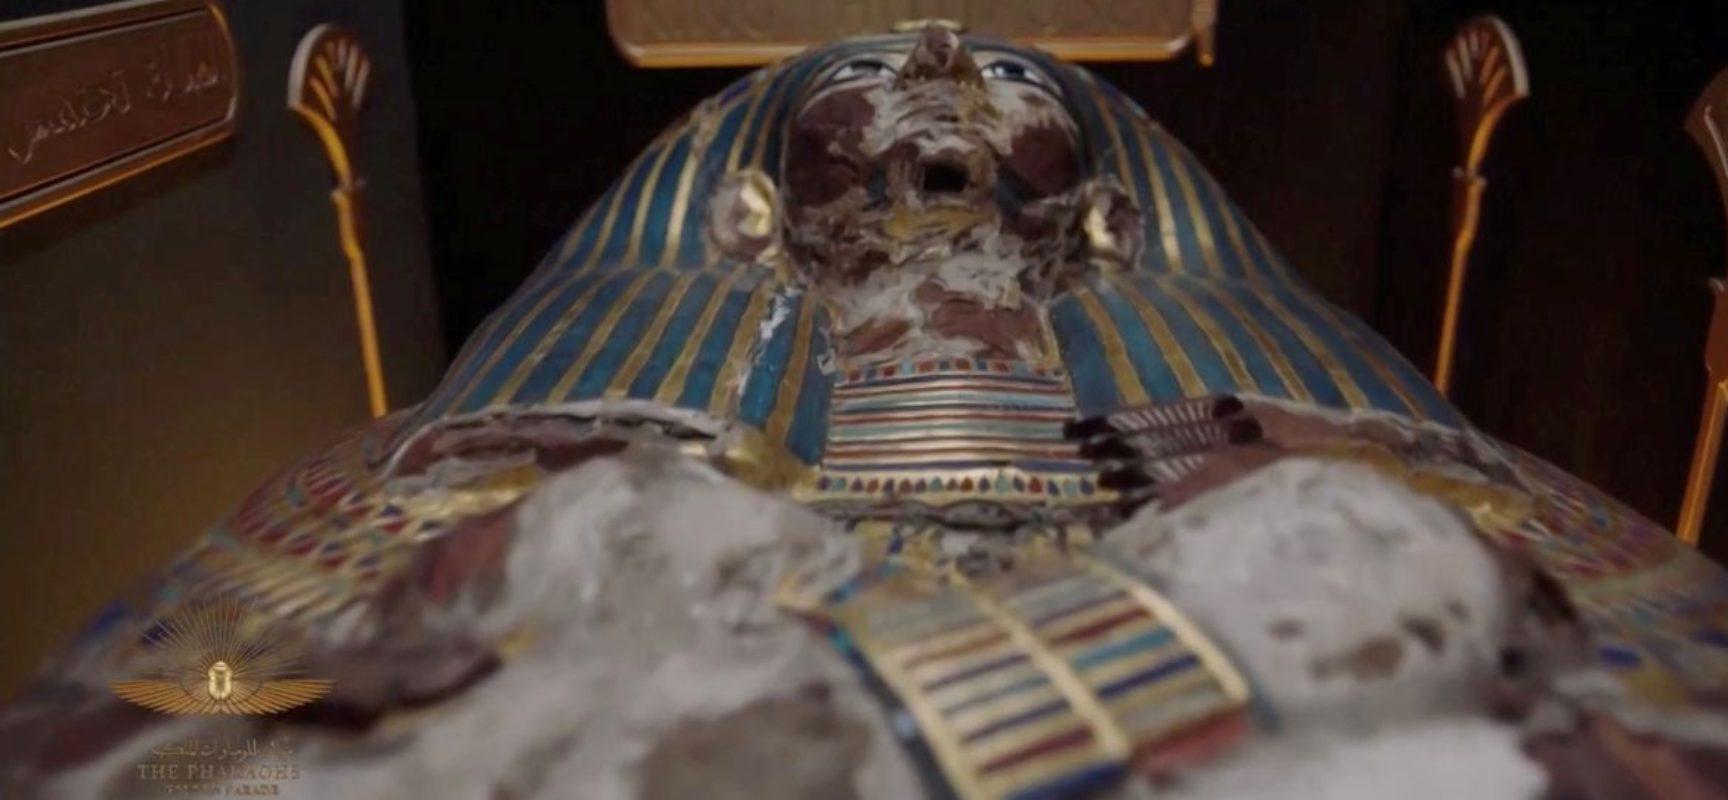 Múmias egípcias desfilaram pelo Cairo a caminho do novo museu